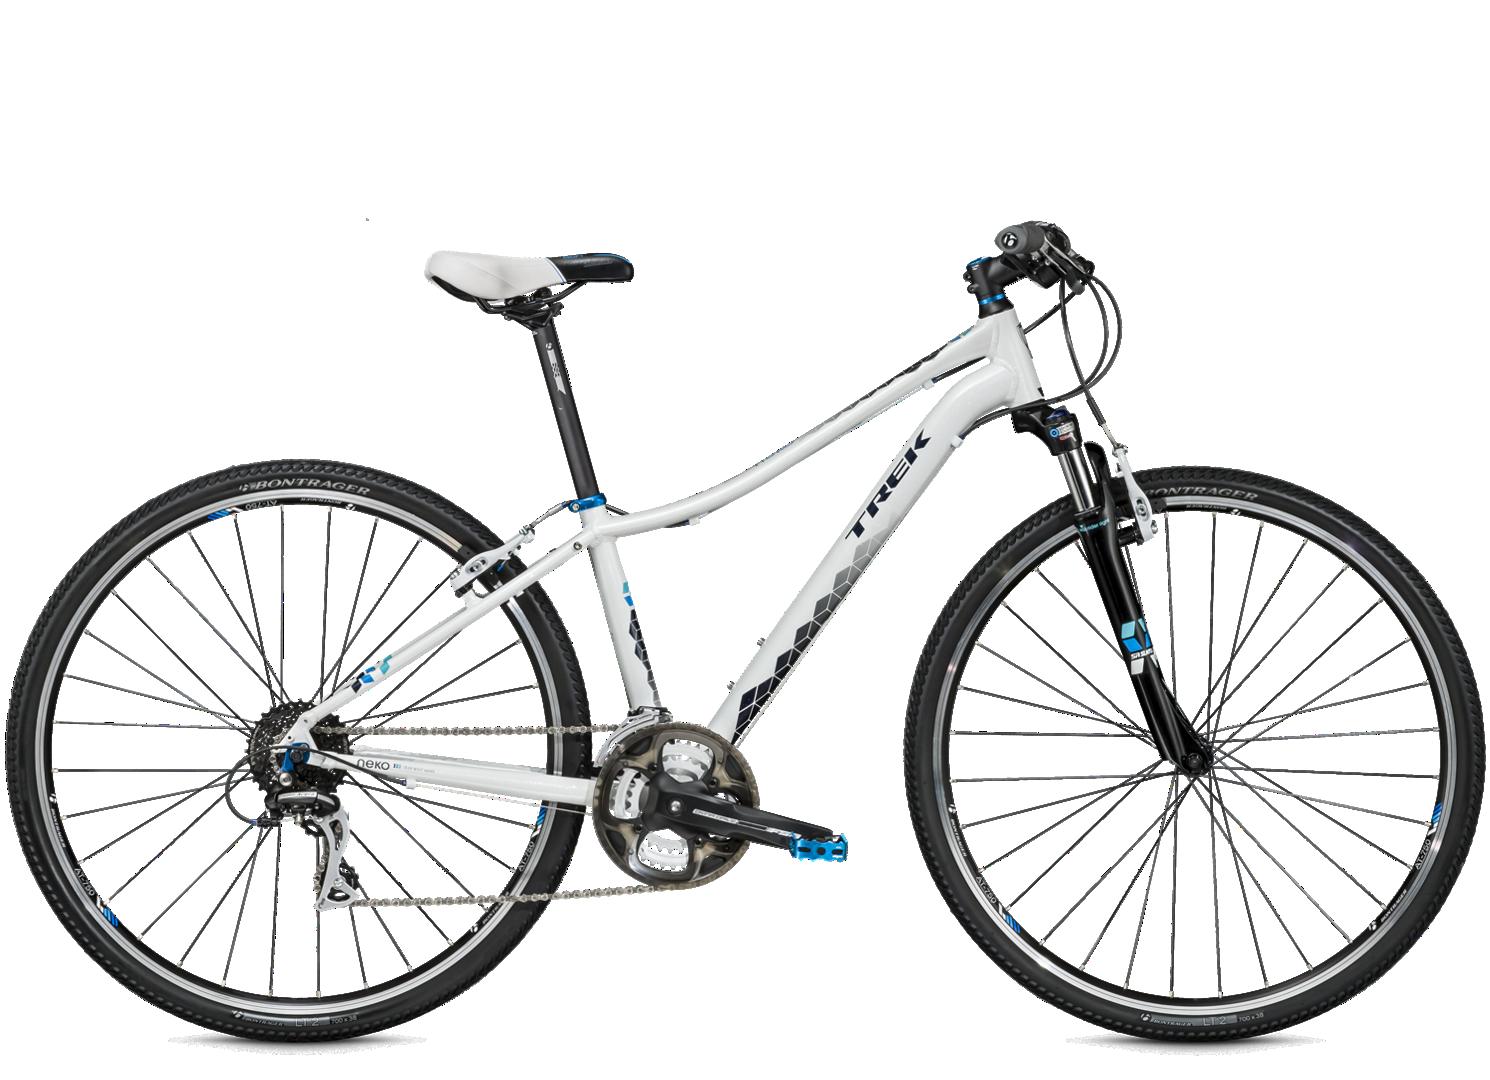 Neko S Trek Bicycle